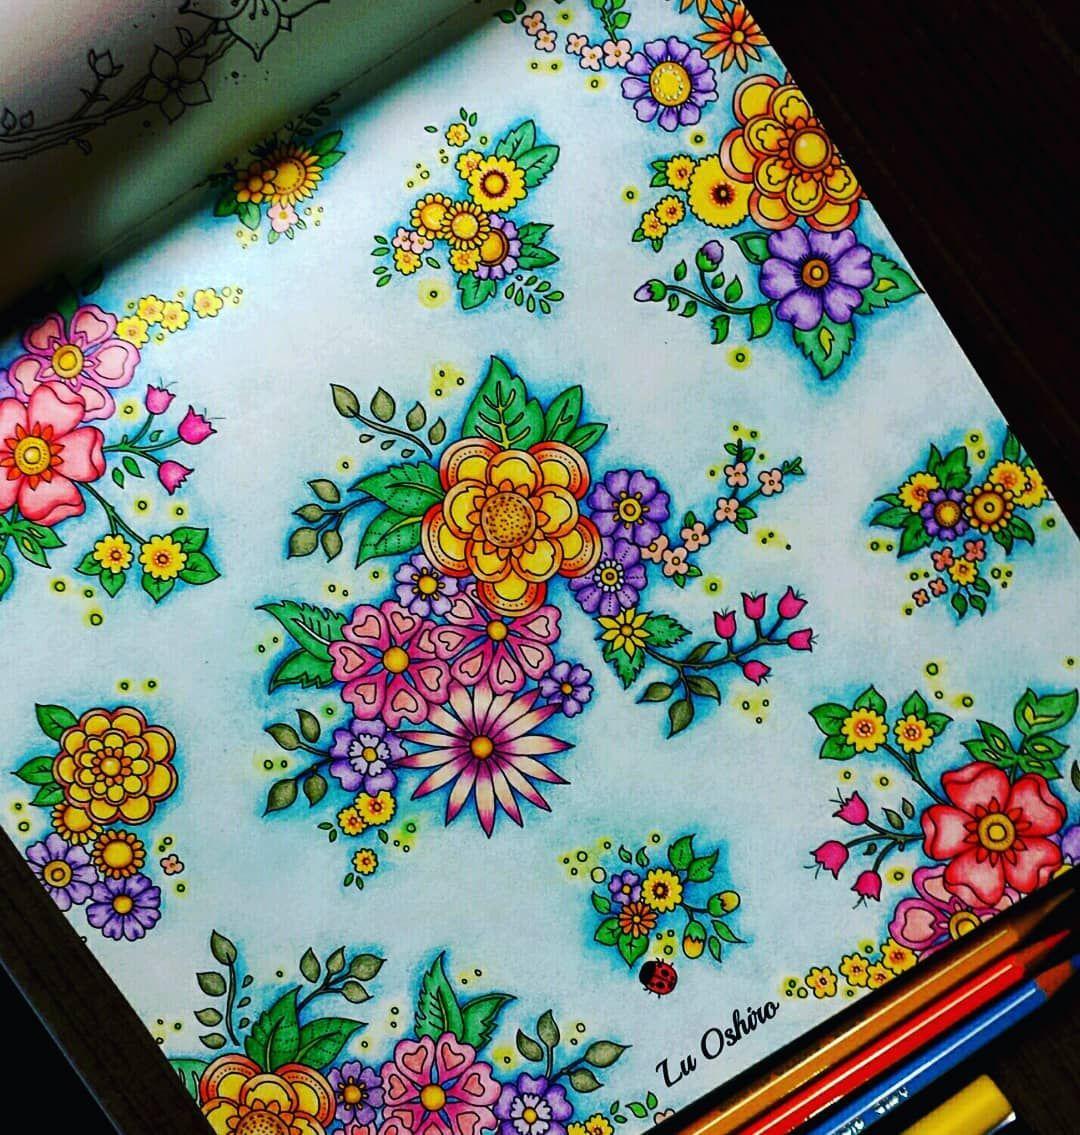 Ainda Nao Tinha Colorido Nada Do Novo Livro Da Johannabasford Mas